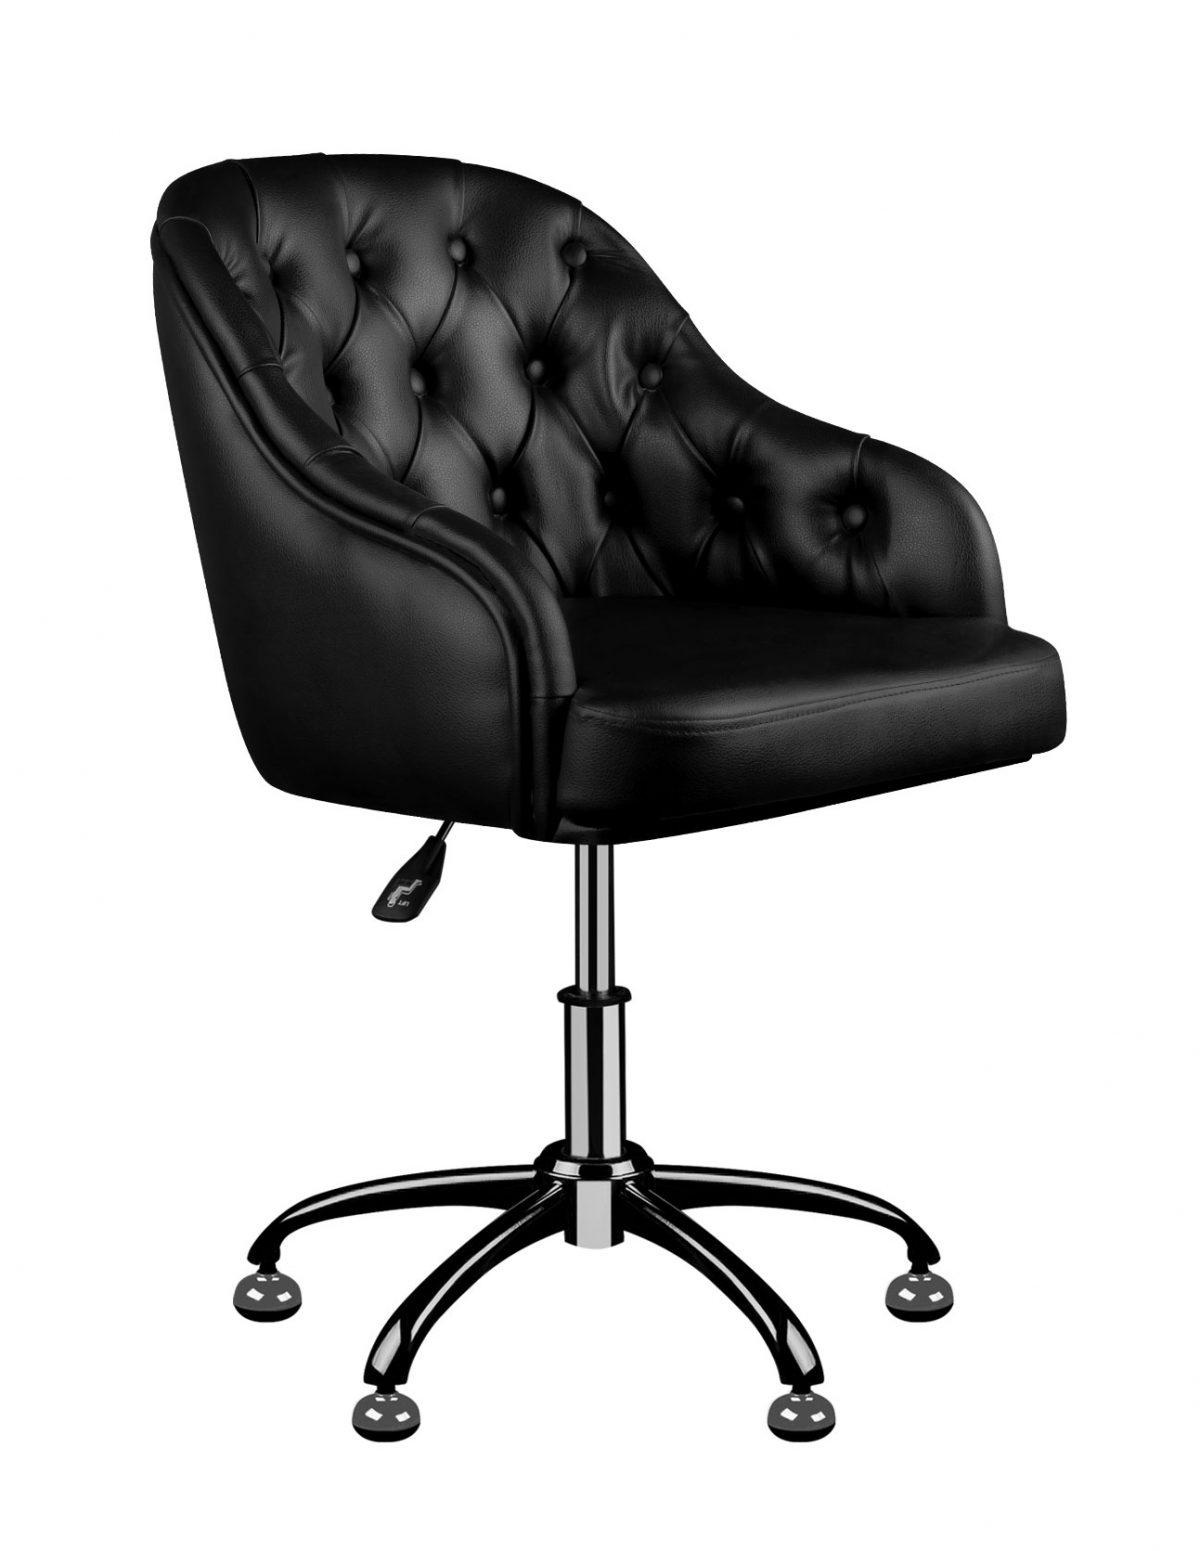 صندلی آرایشگاهی مناسب کوتاهی مو آلکا مدل سورن چستر